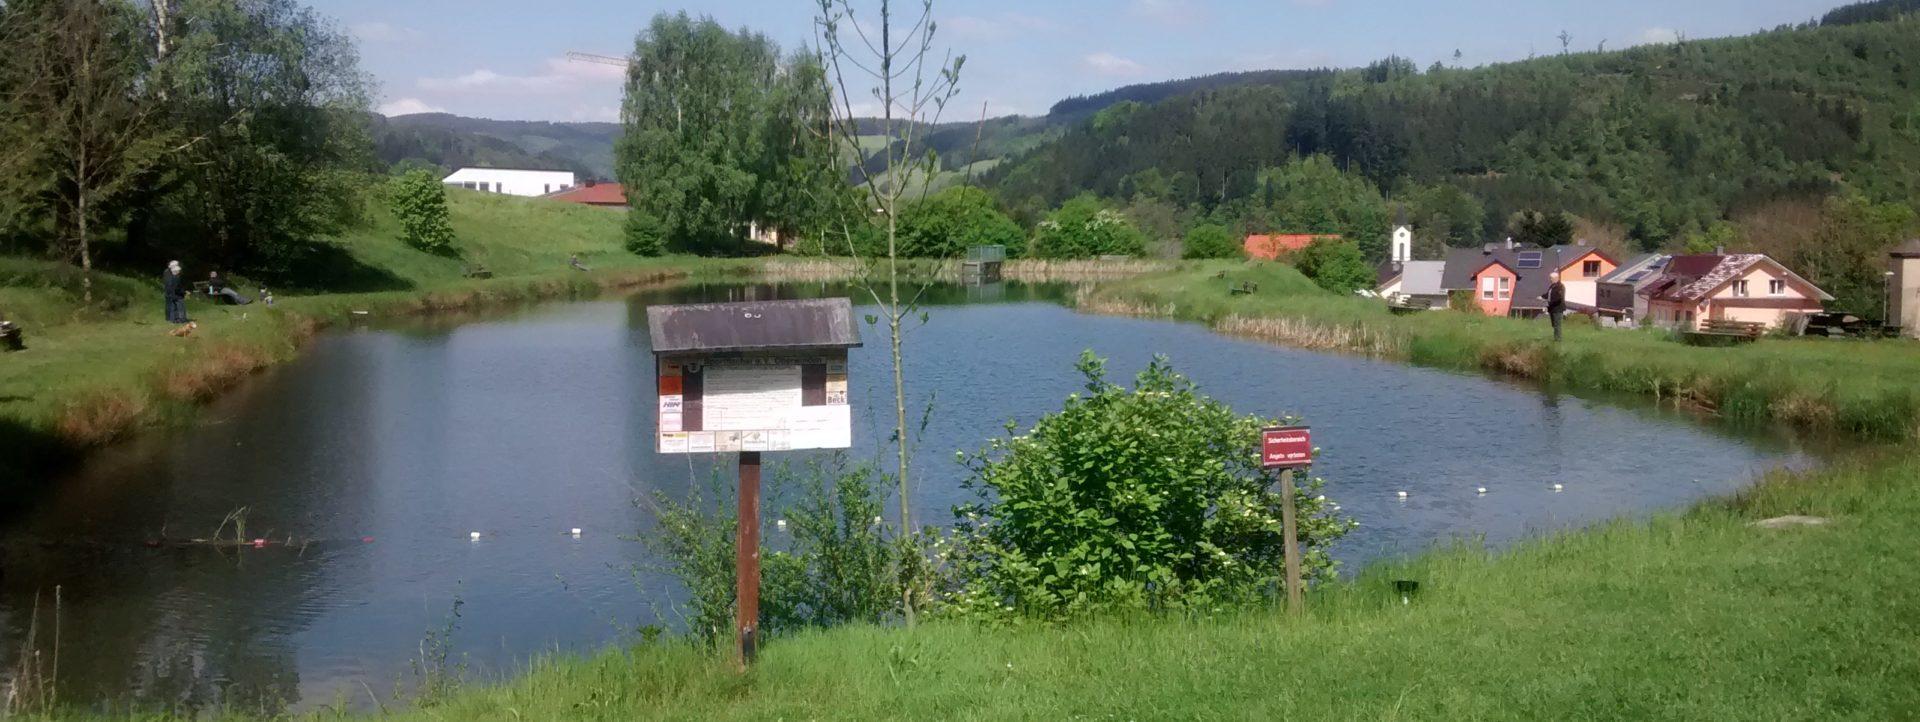 Sportfischer Oberwinden e.V.